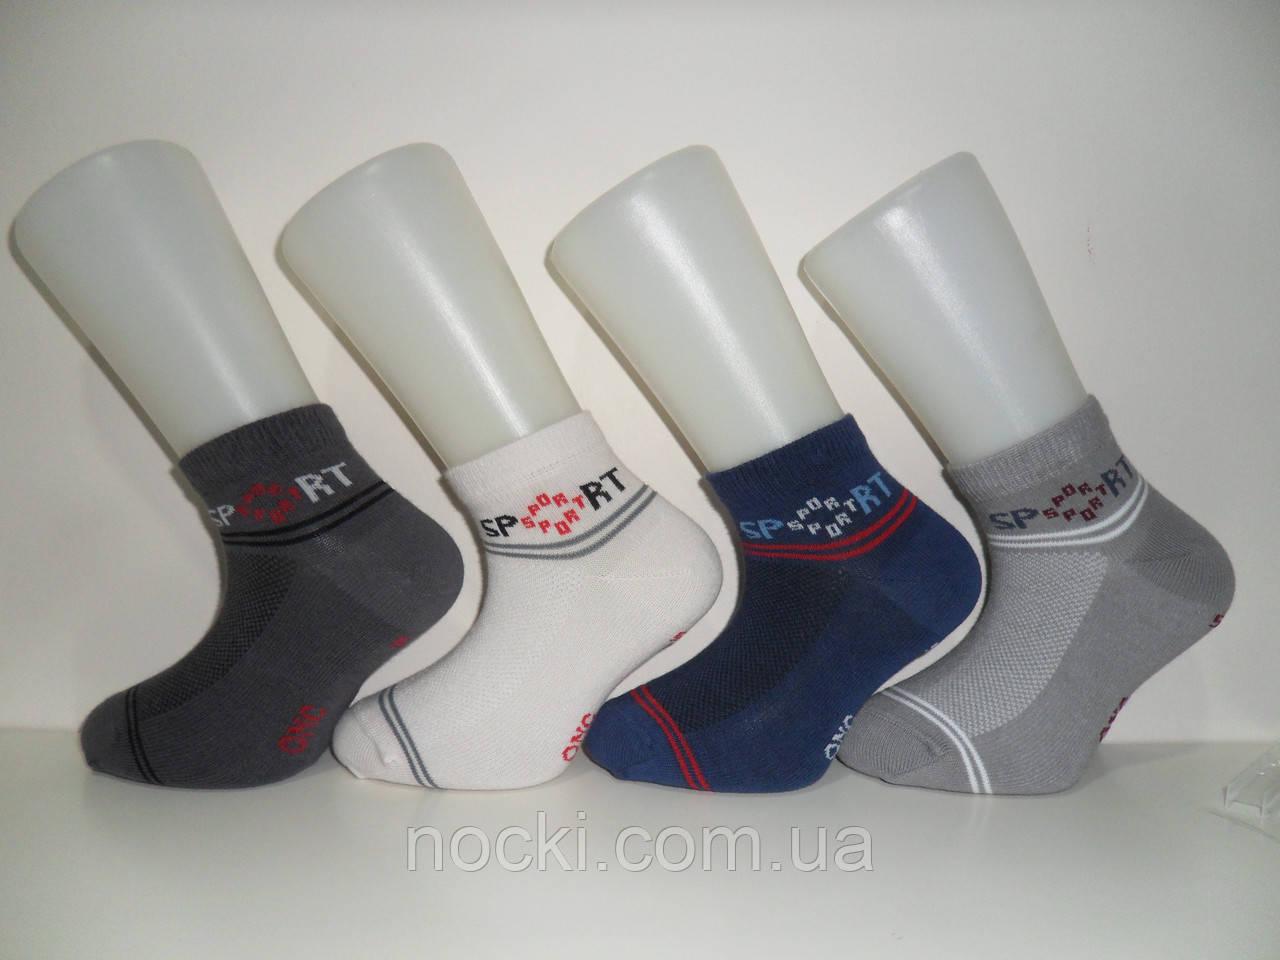 Детские носки в сеточку Onurcan б/р 13  0121